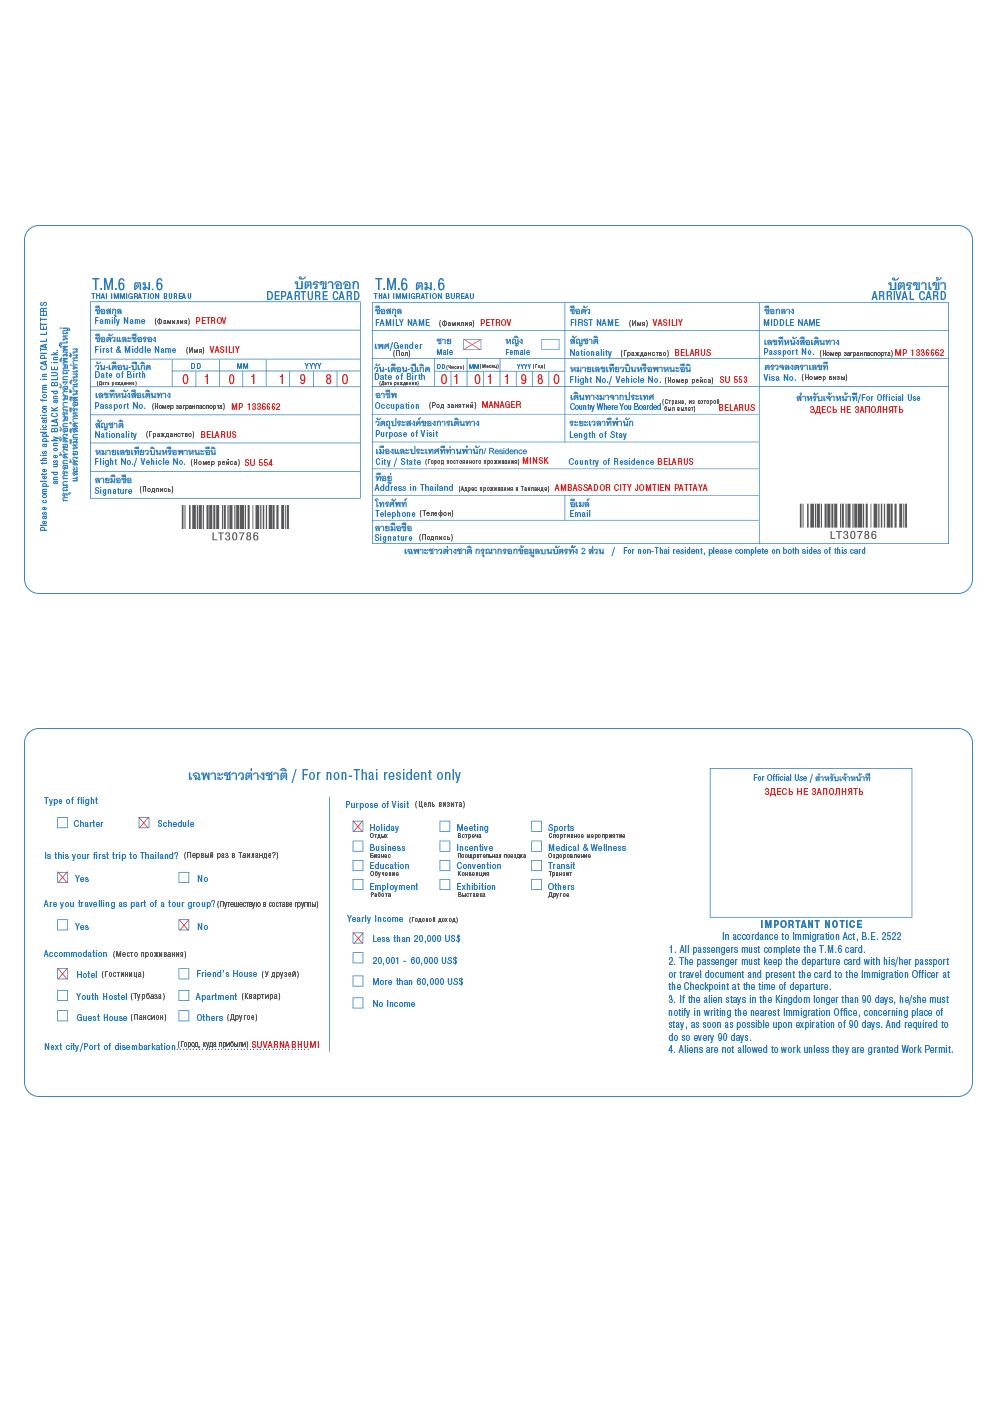 Образец заполнения иммиграционной карточки